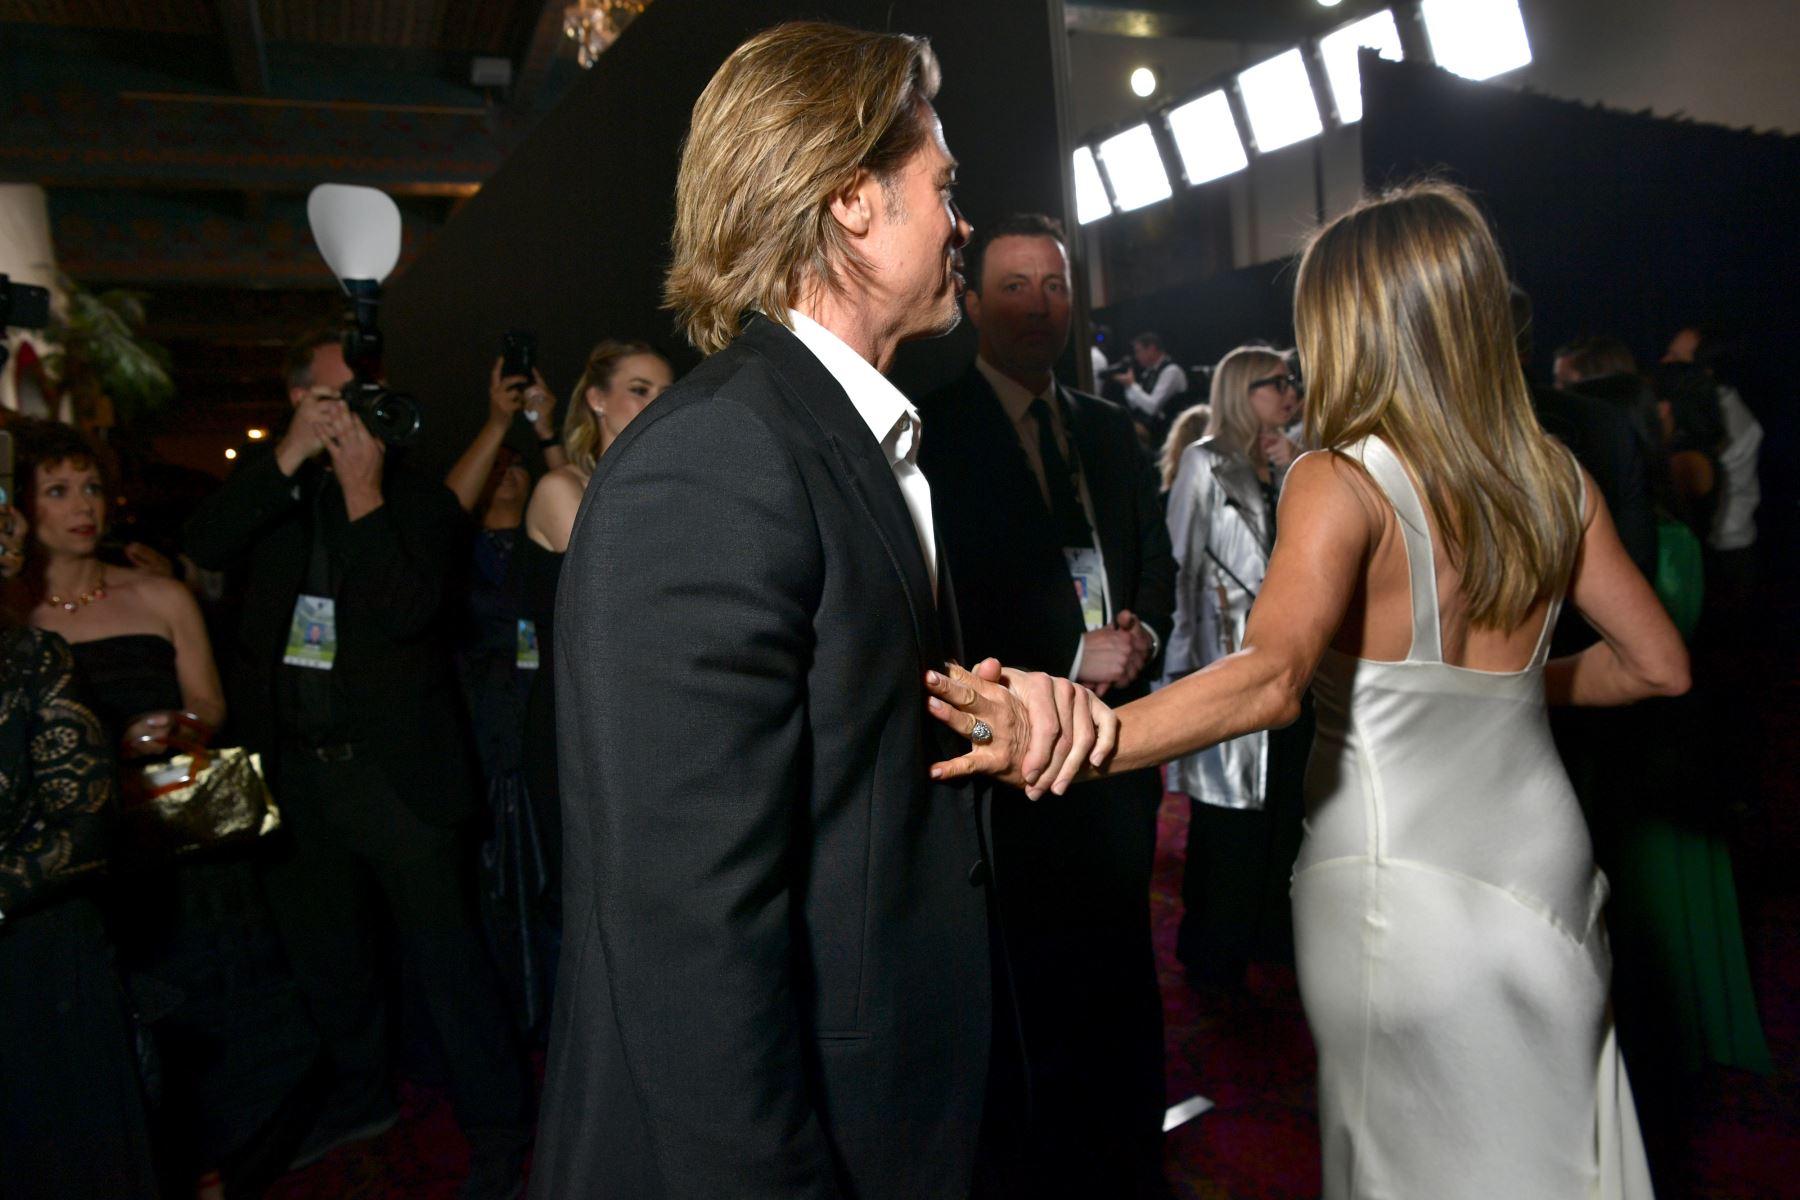 Brad Pitt y Jennifer Aniston asisten a la 26a. Entrega Anual de los Premios del Sindicato de Actores en el Auditorio Shrine. AFP